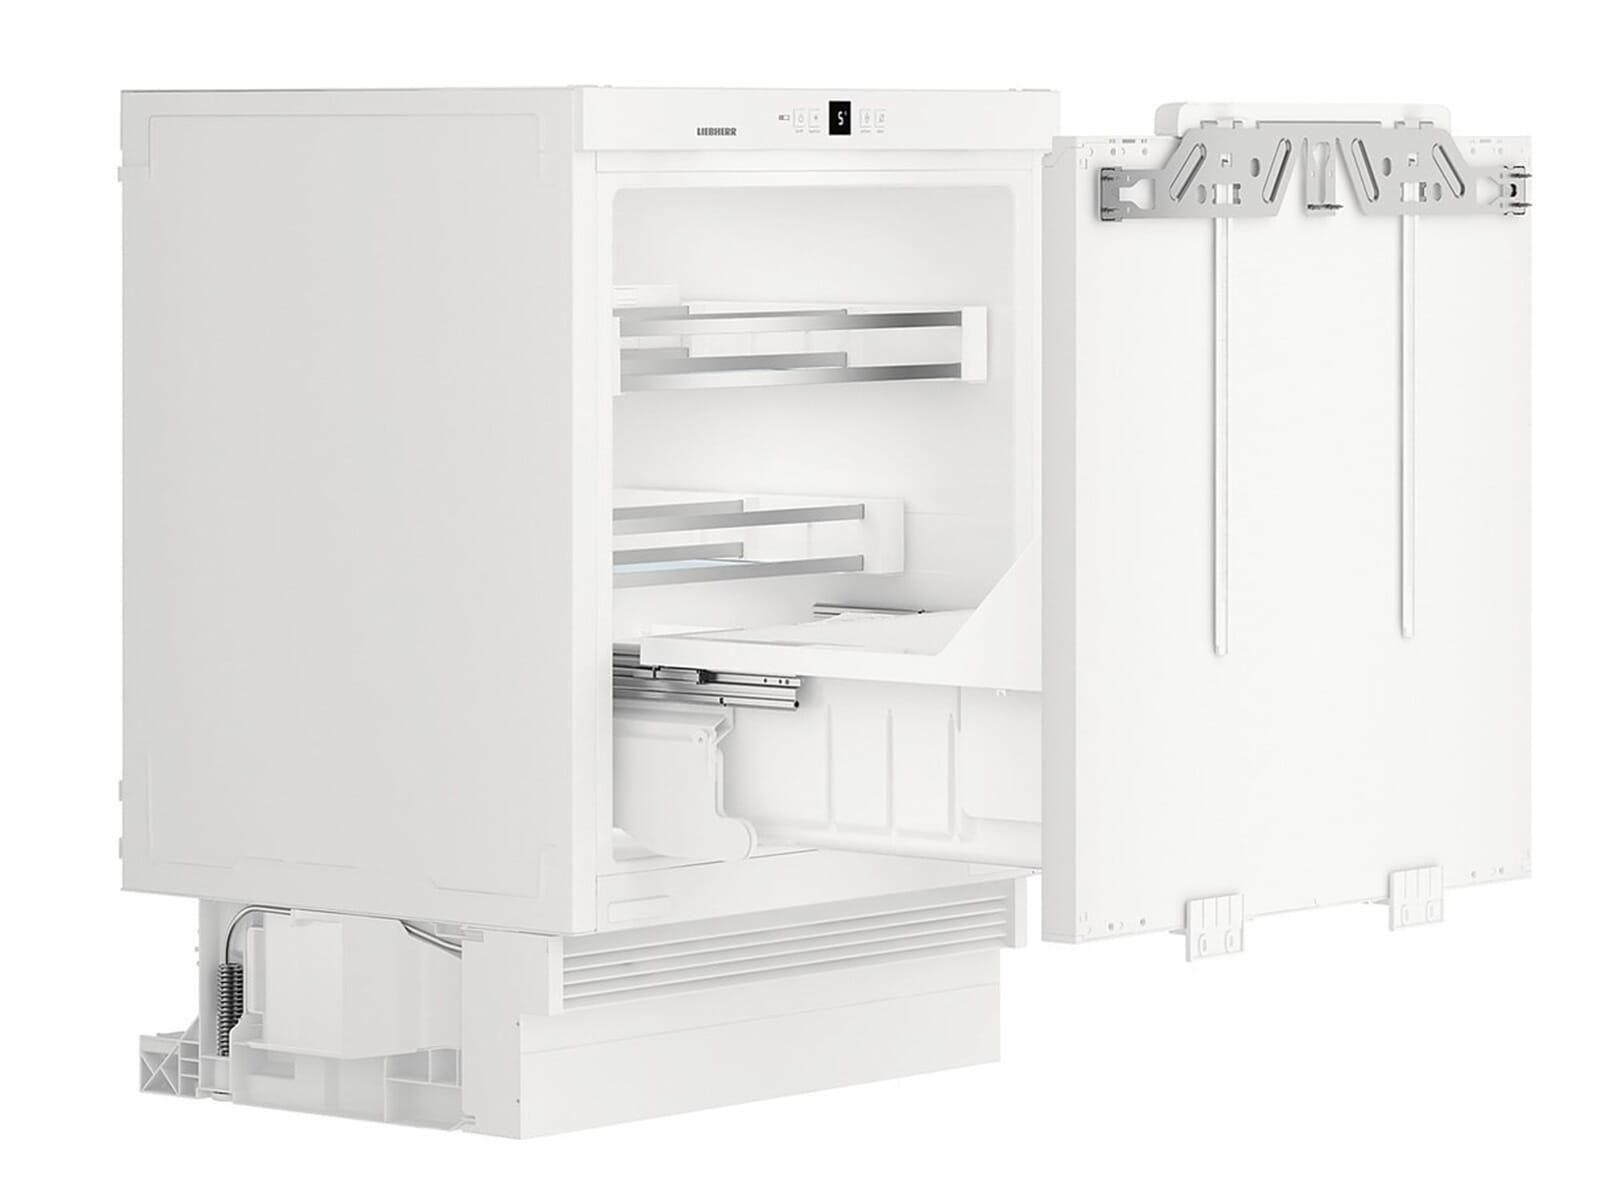 Bosch Kühlschrank Unterbaufähig : Liebherr uiko premium unterbaukühlschrank mit auszugswagen a